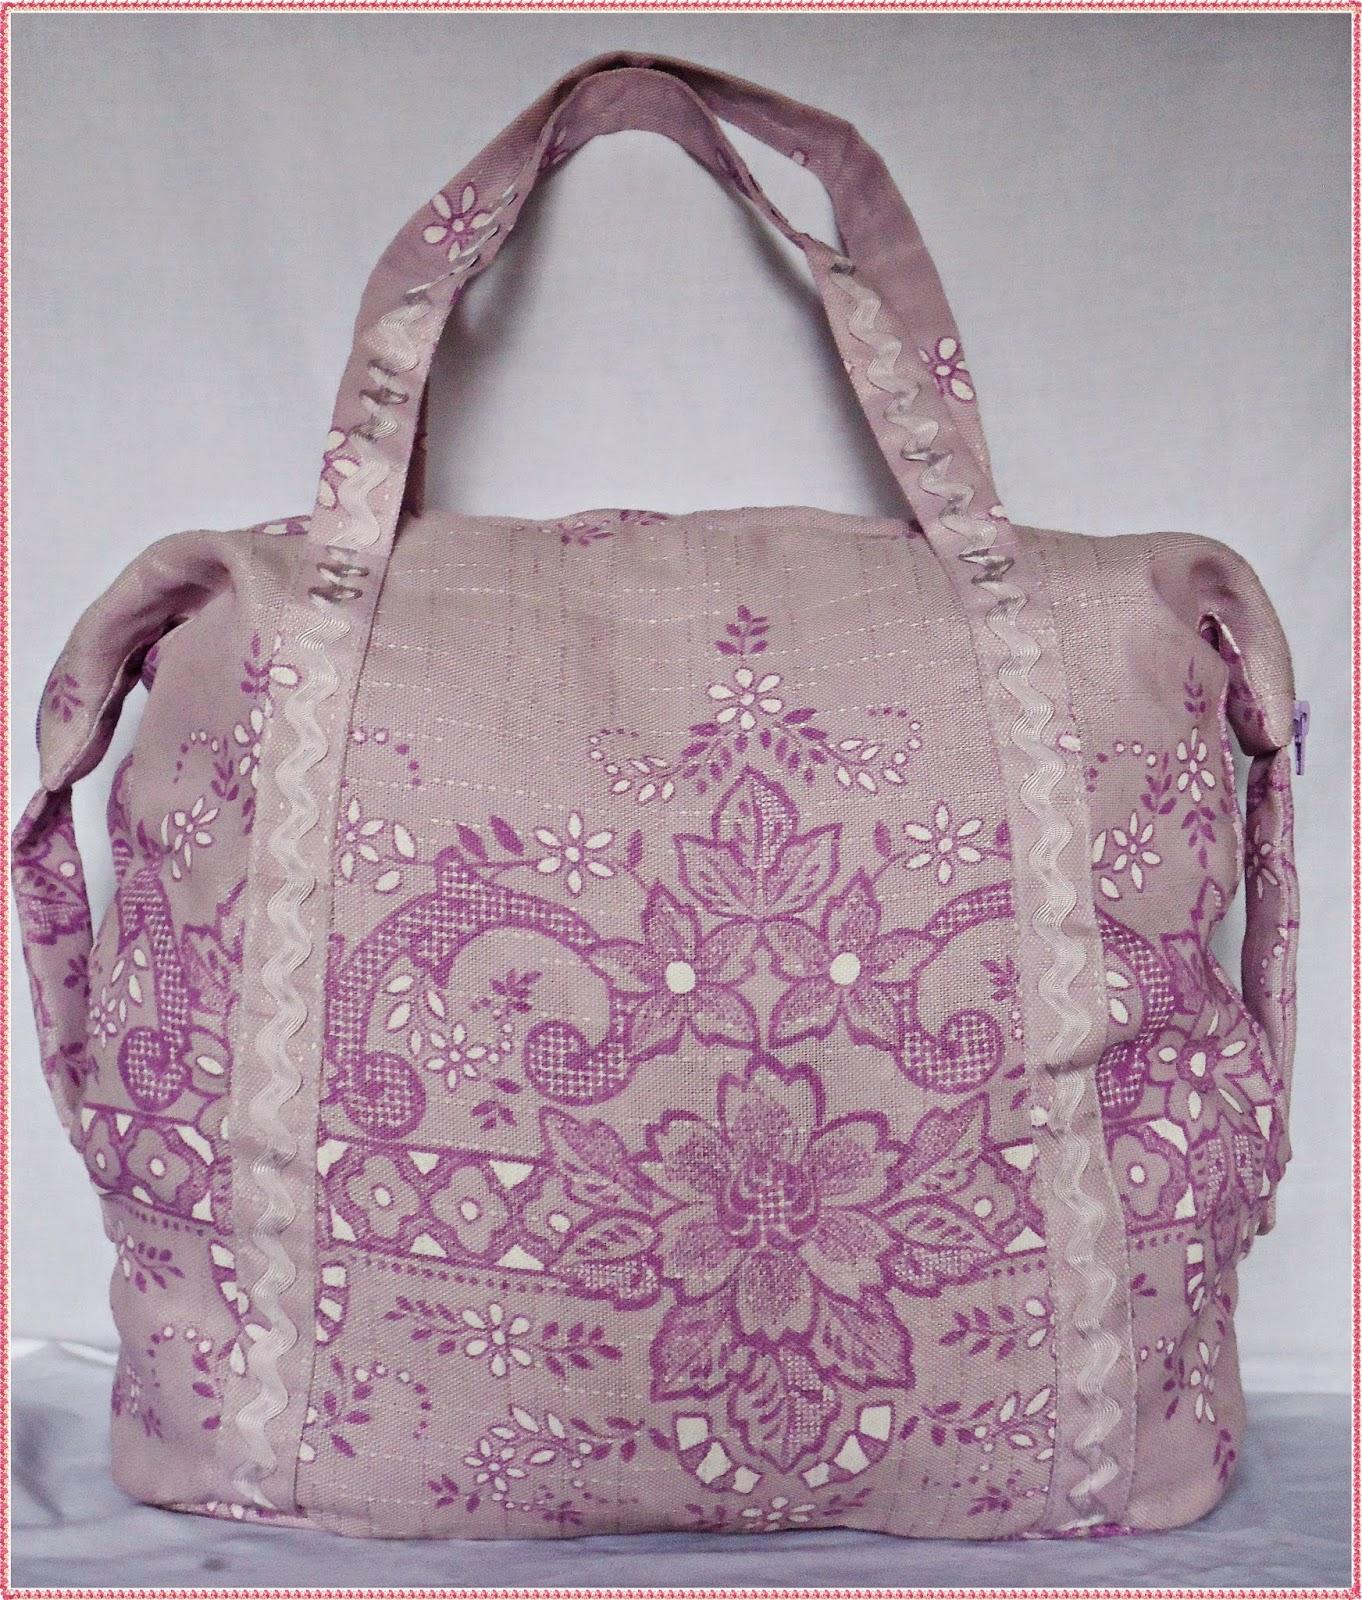 Bolsa De Praia Em Tecido Passo A Passo : A modista bolsas artesanais de praia em tecido